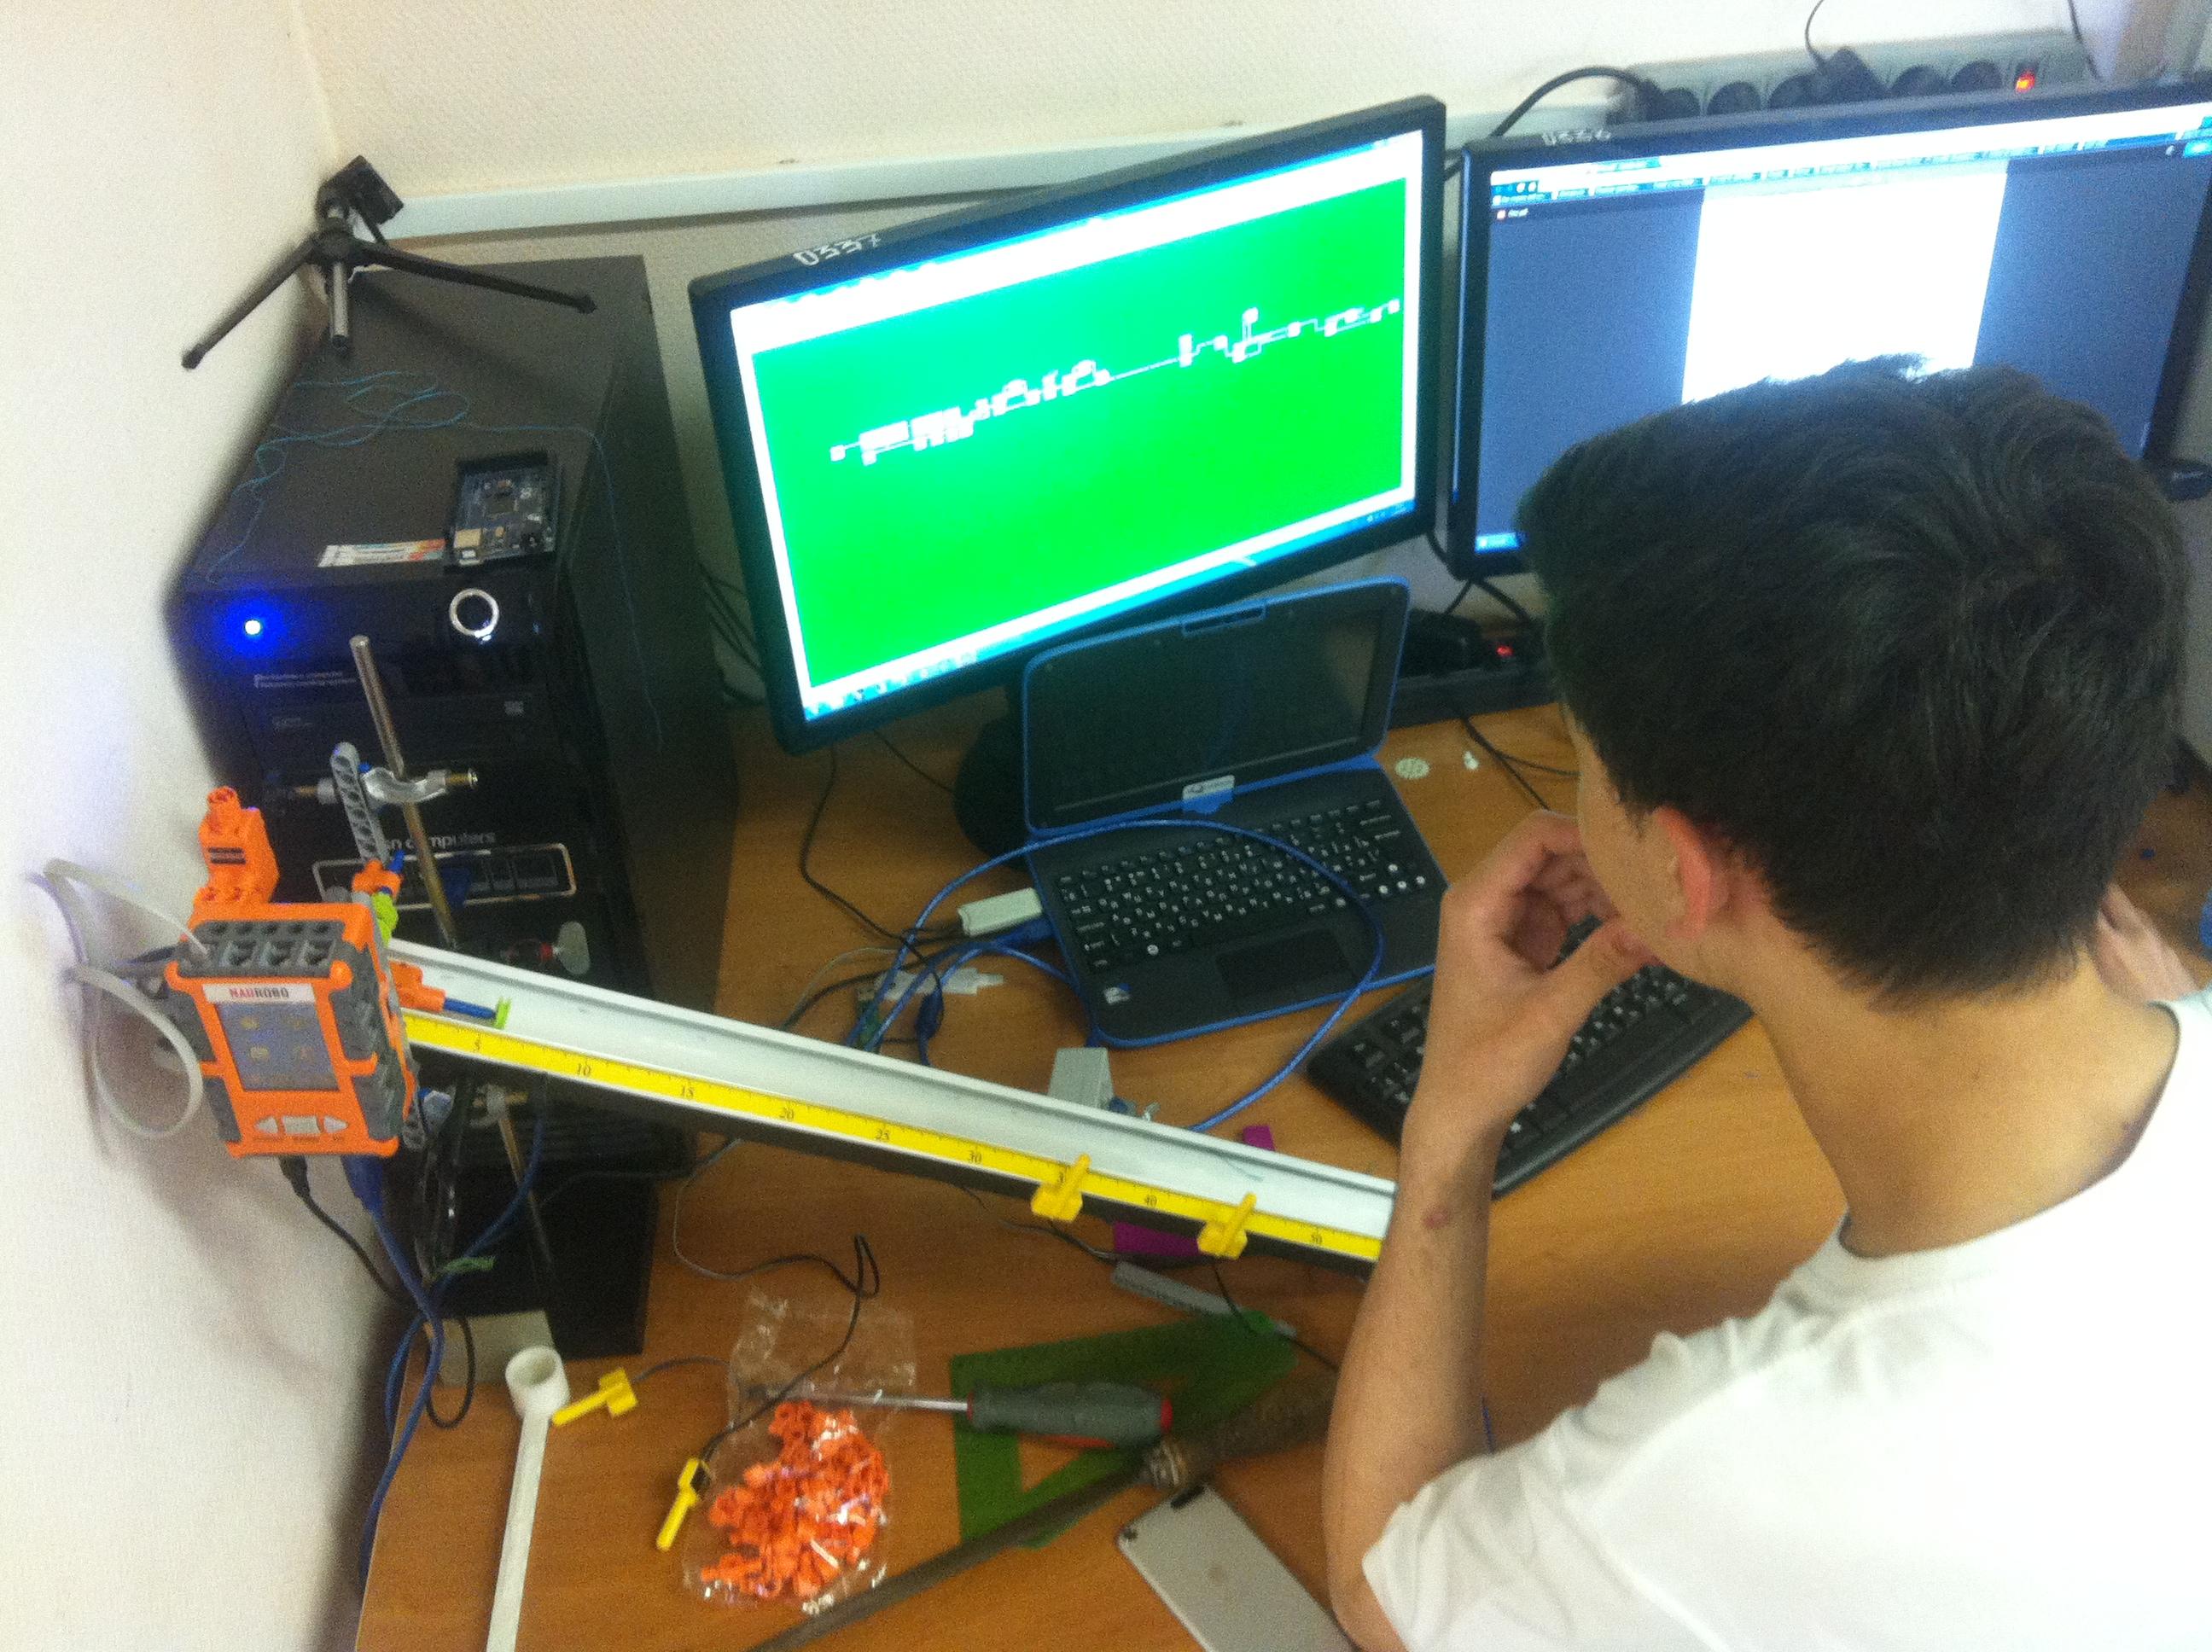 Идет программирование роботов в школьной лаборатории